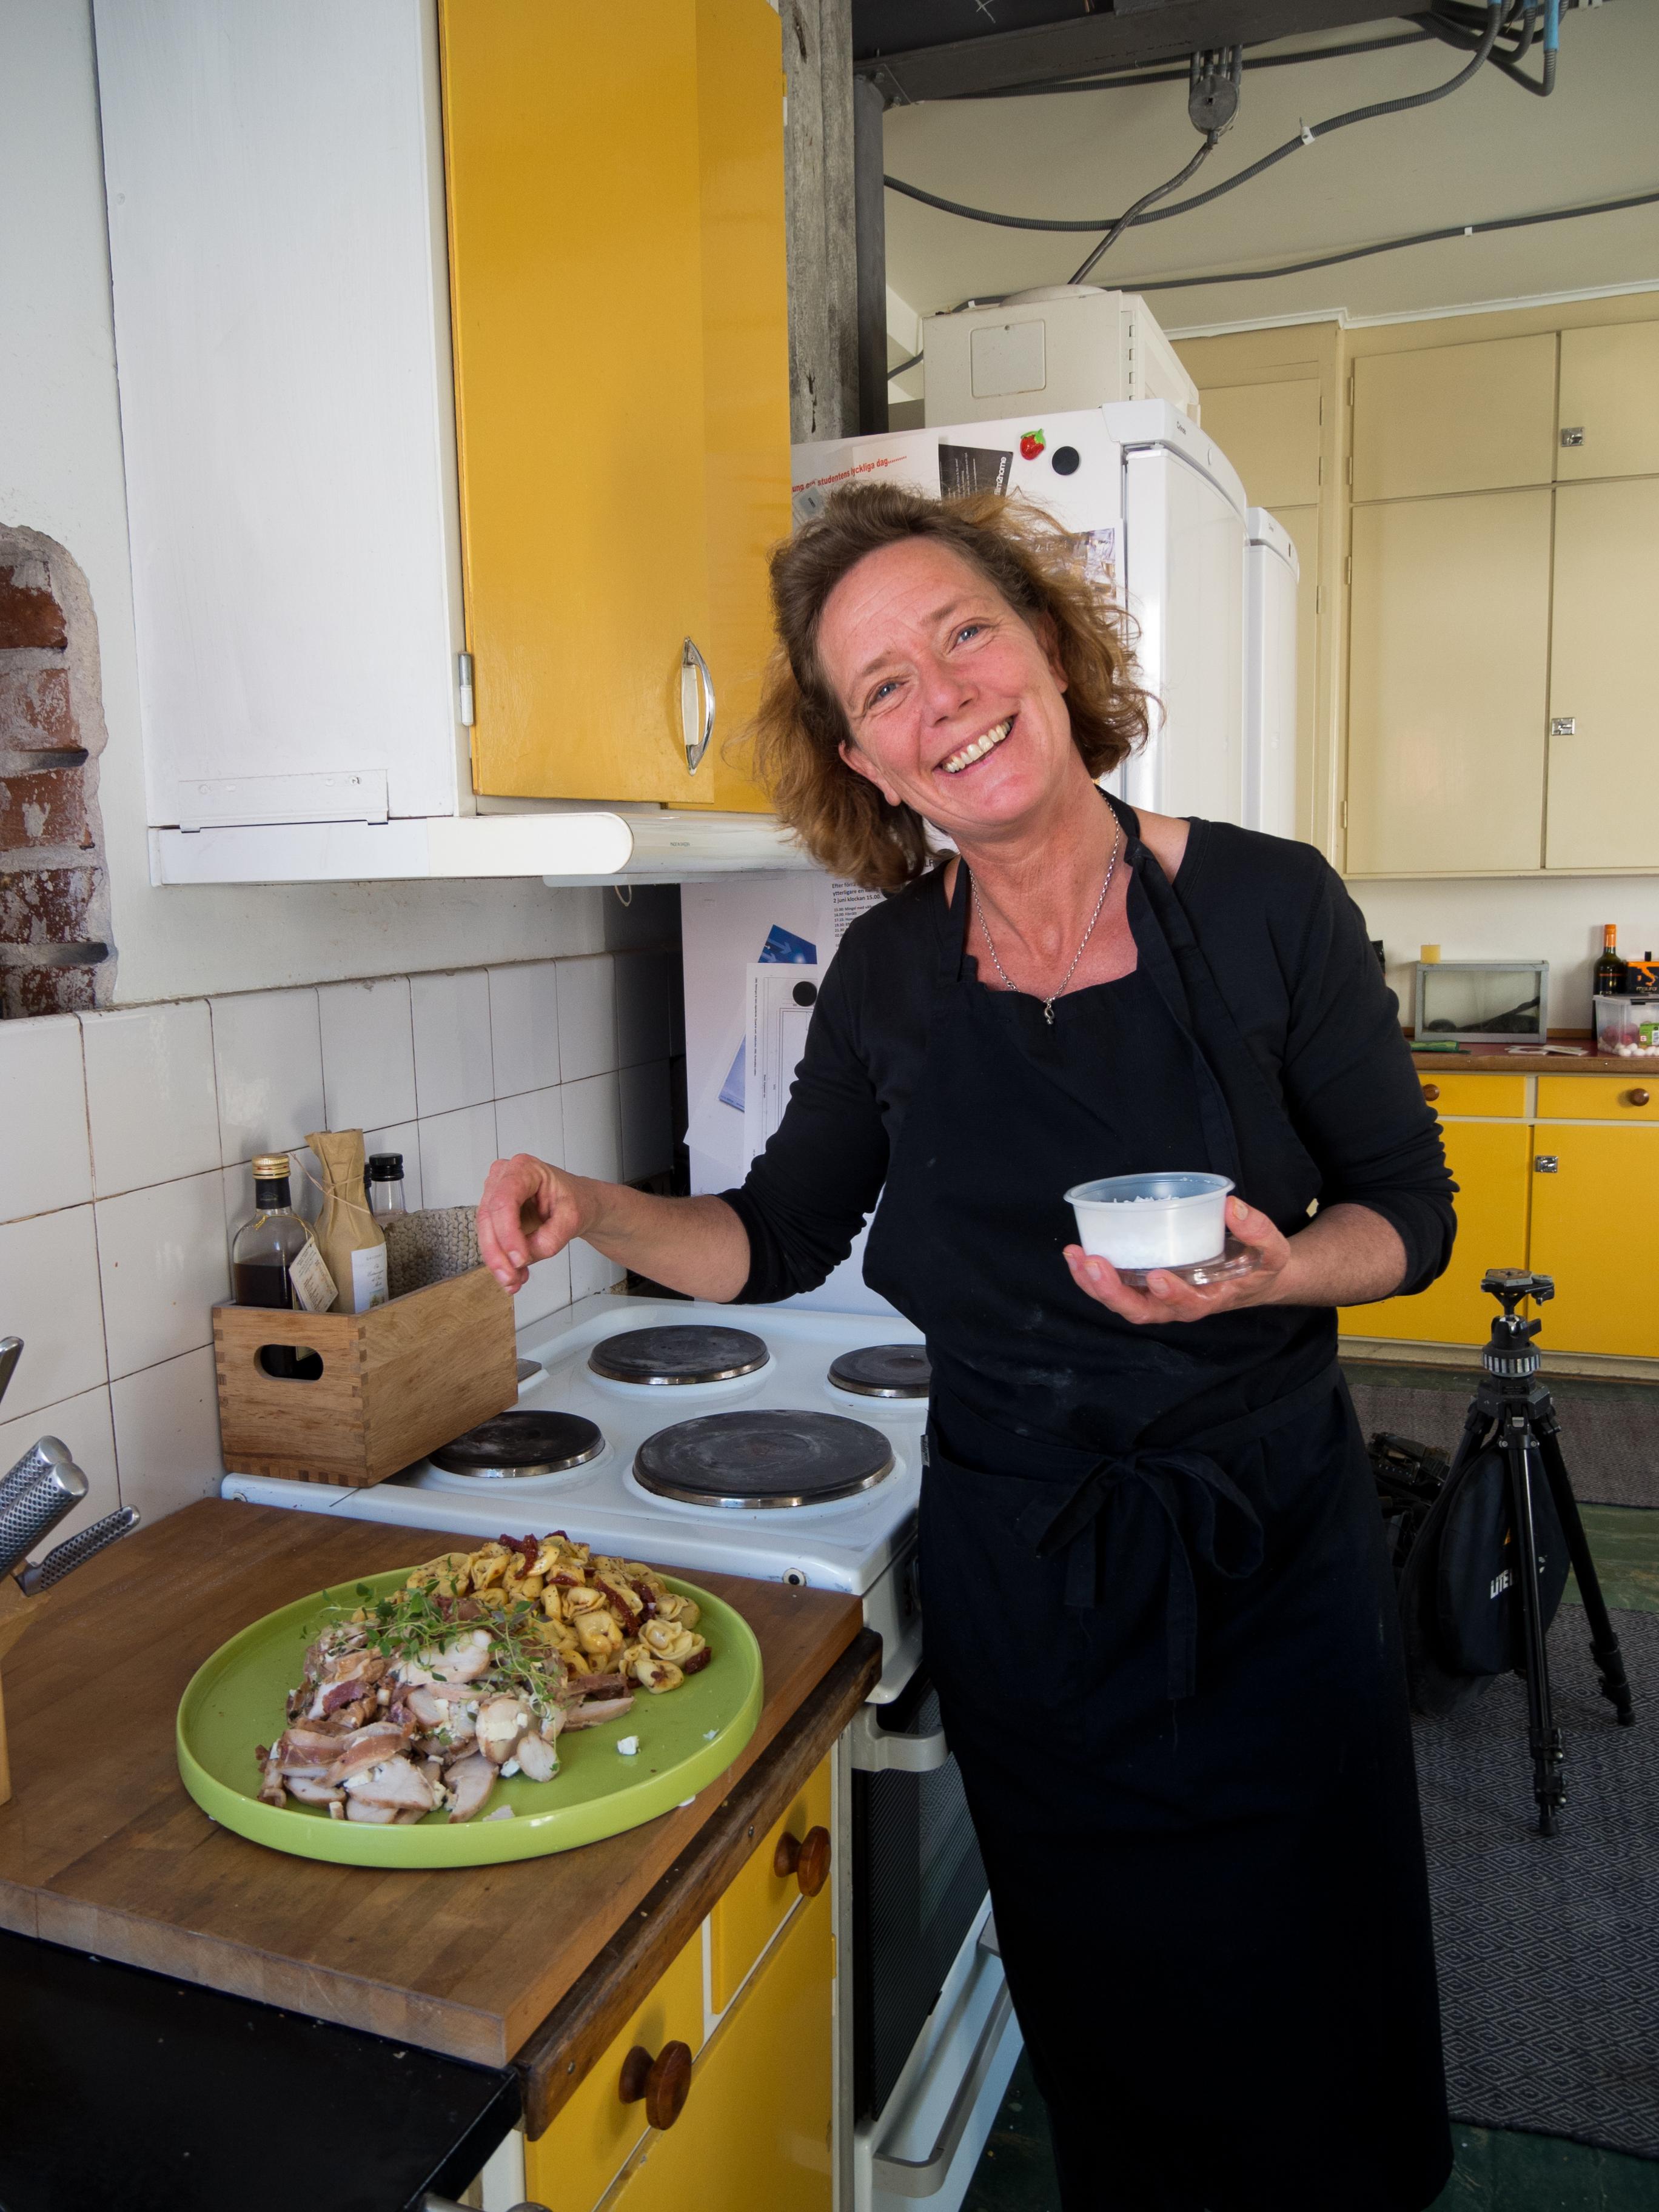 mobilakocken i ditt kök - Catering